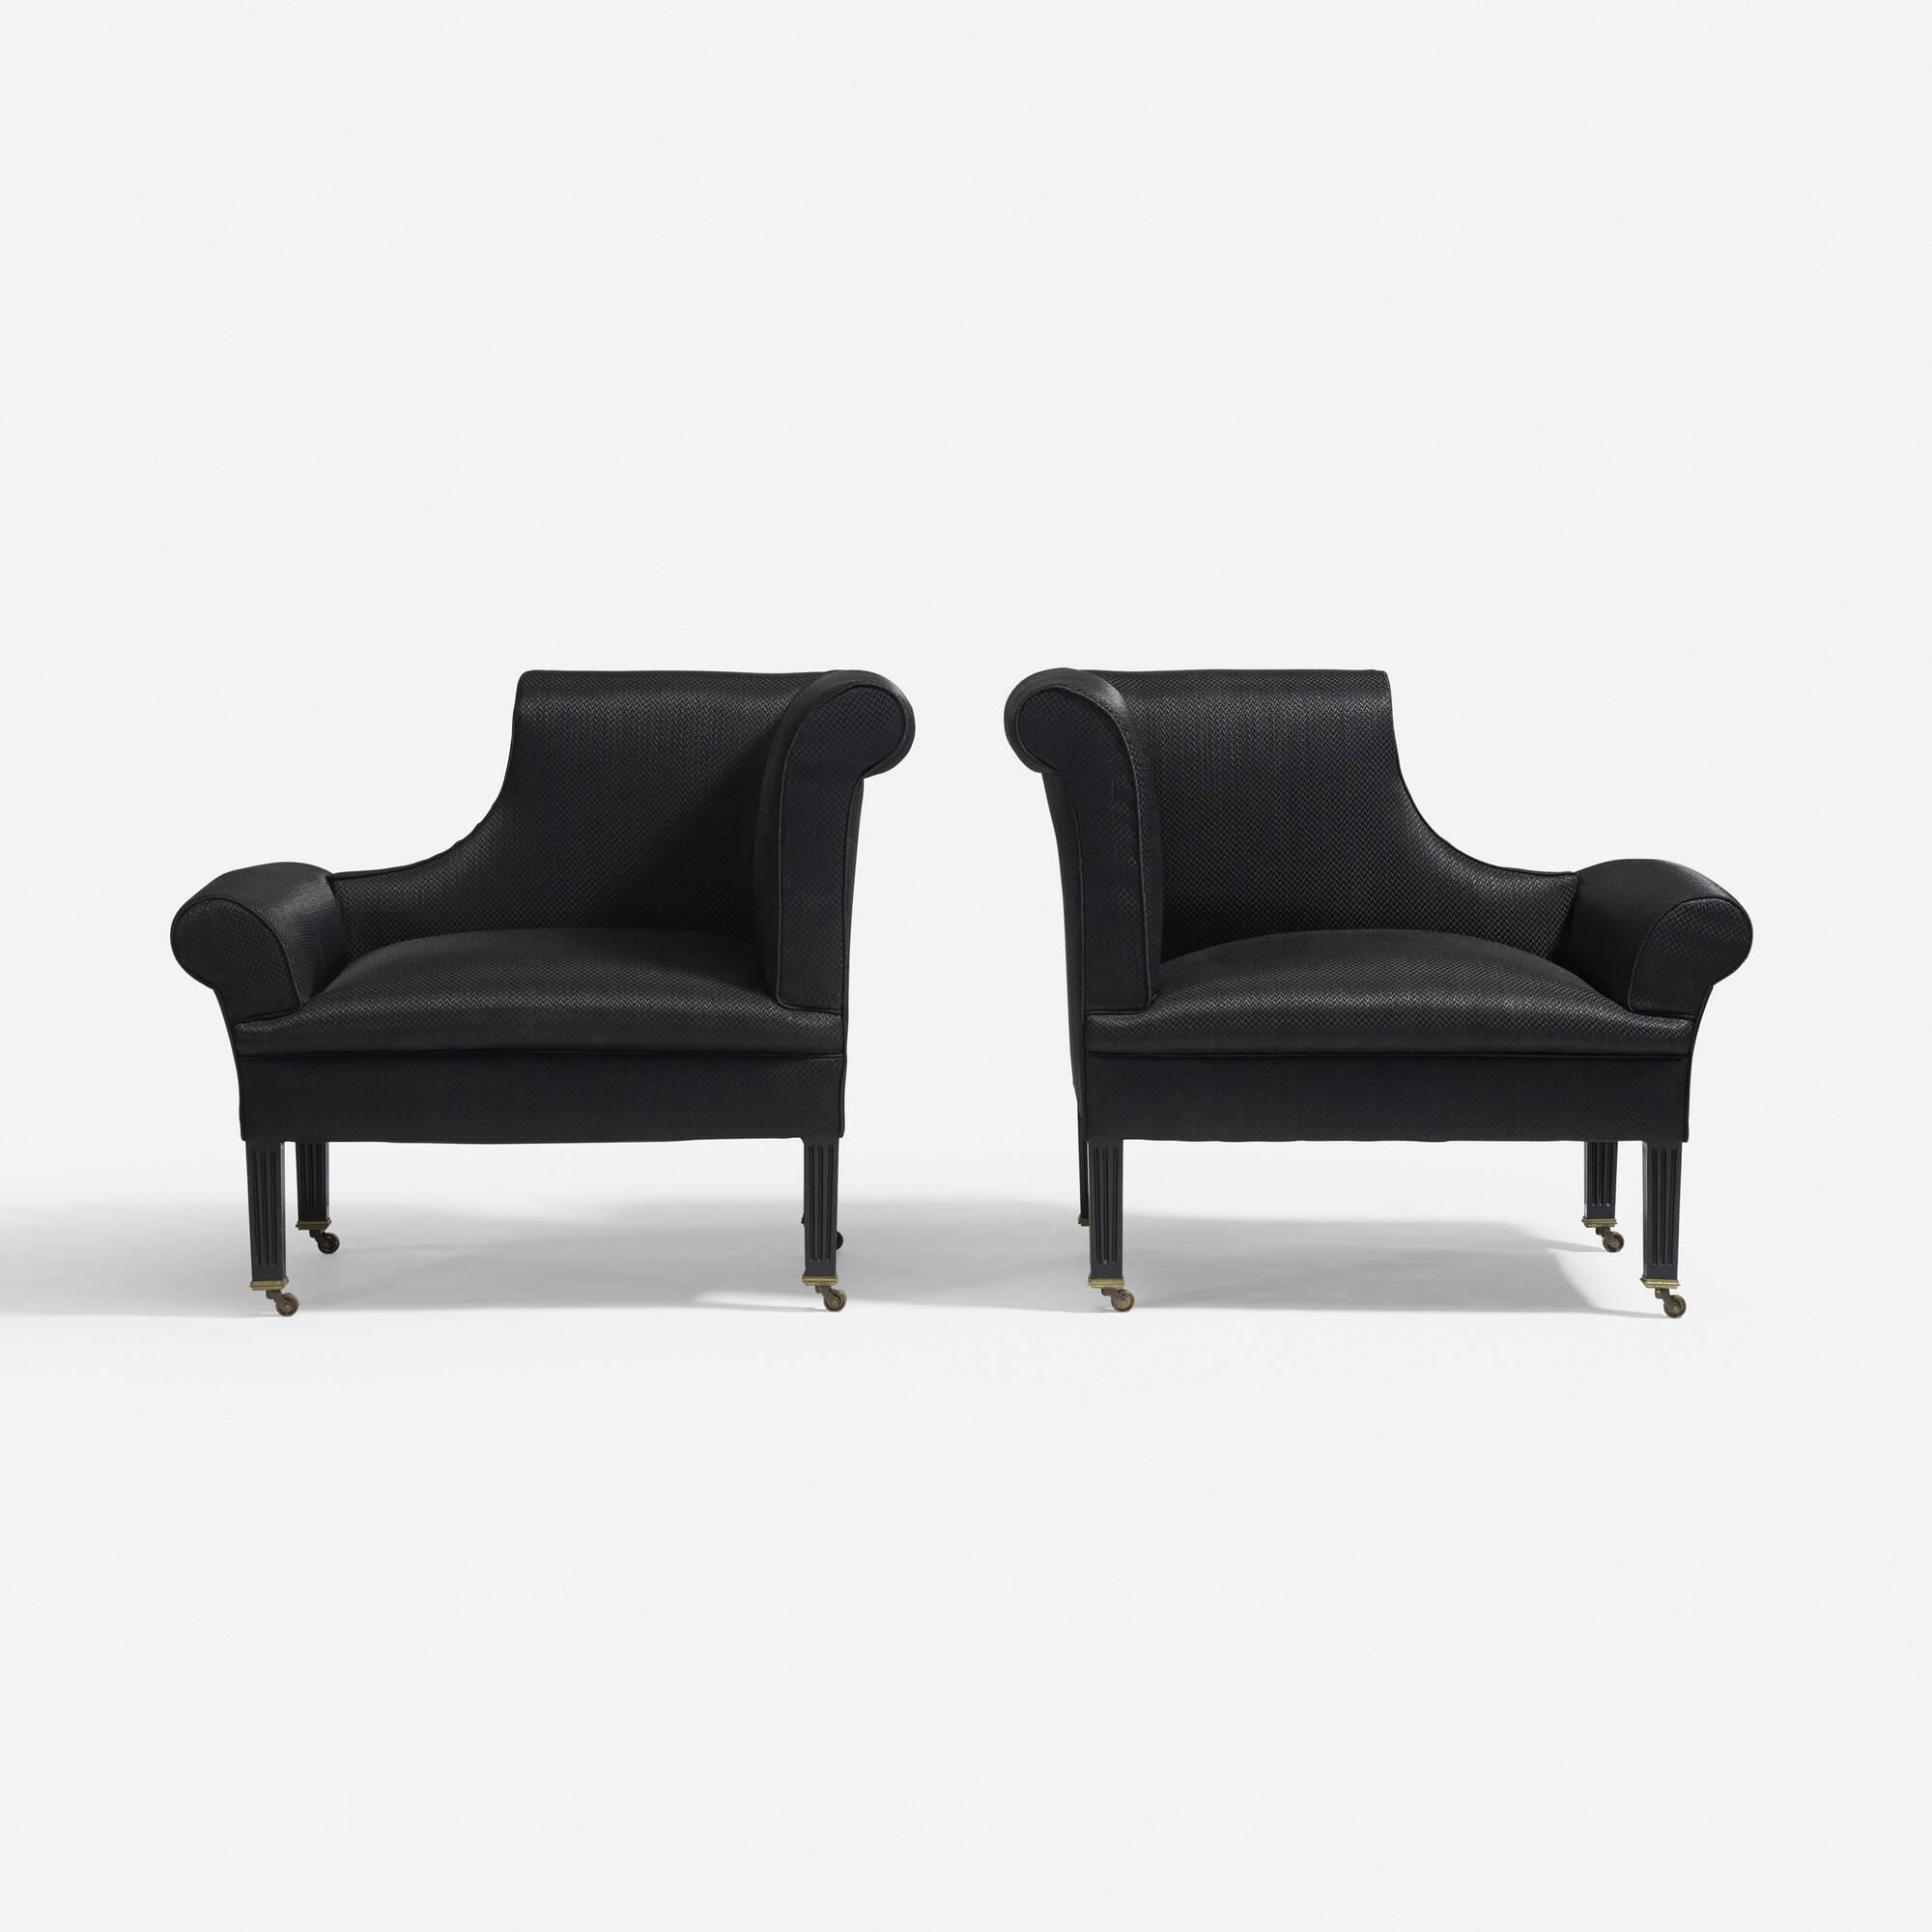 319: Sir Edwin Lutyens / Napoleon chairs, pair (1 of 3)